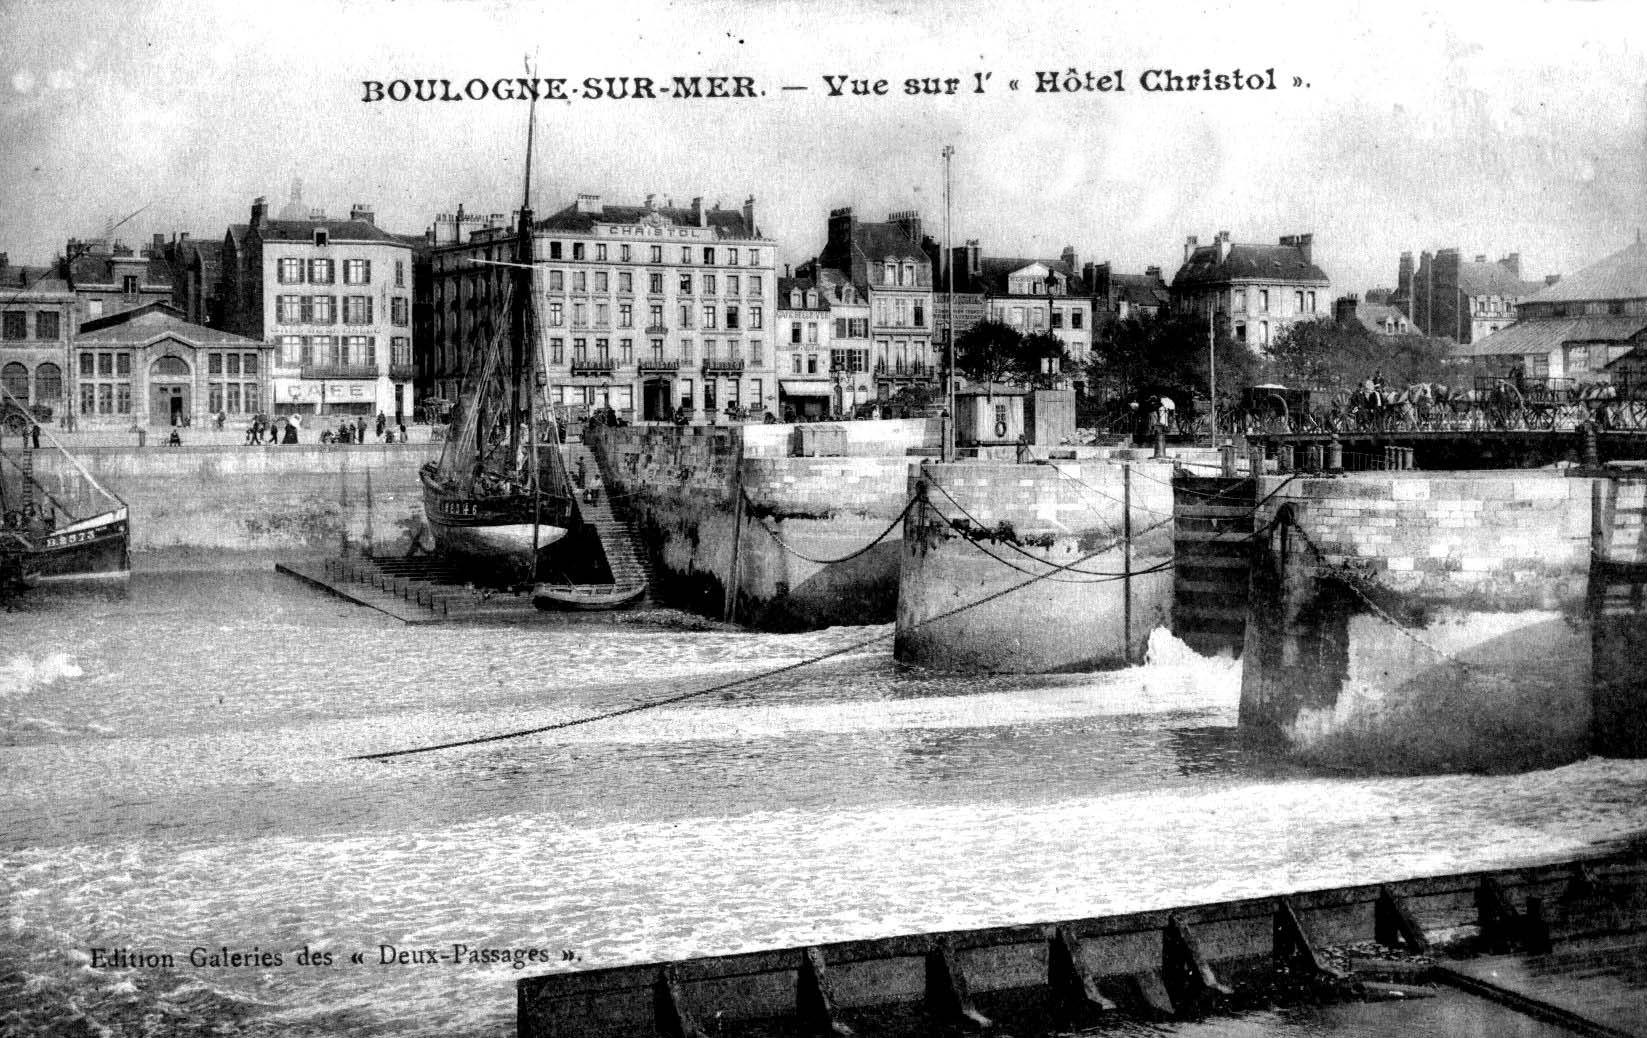 Boulogne sur mer vue sur le pont Marguet et l'hôtel Christol